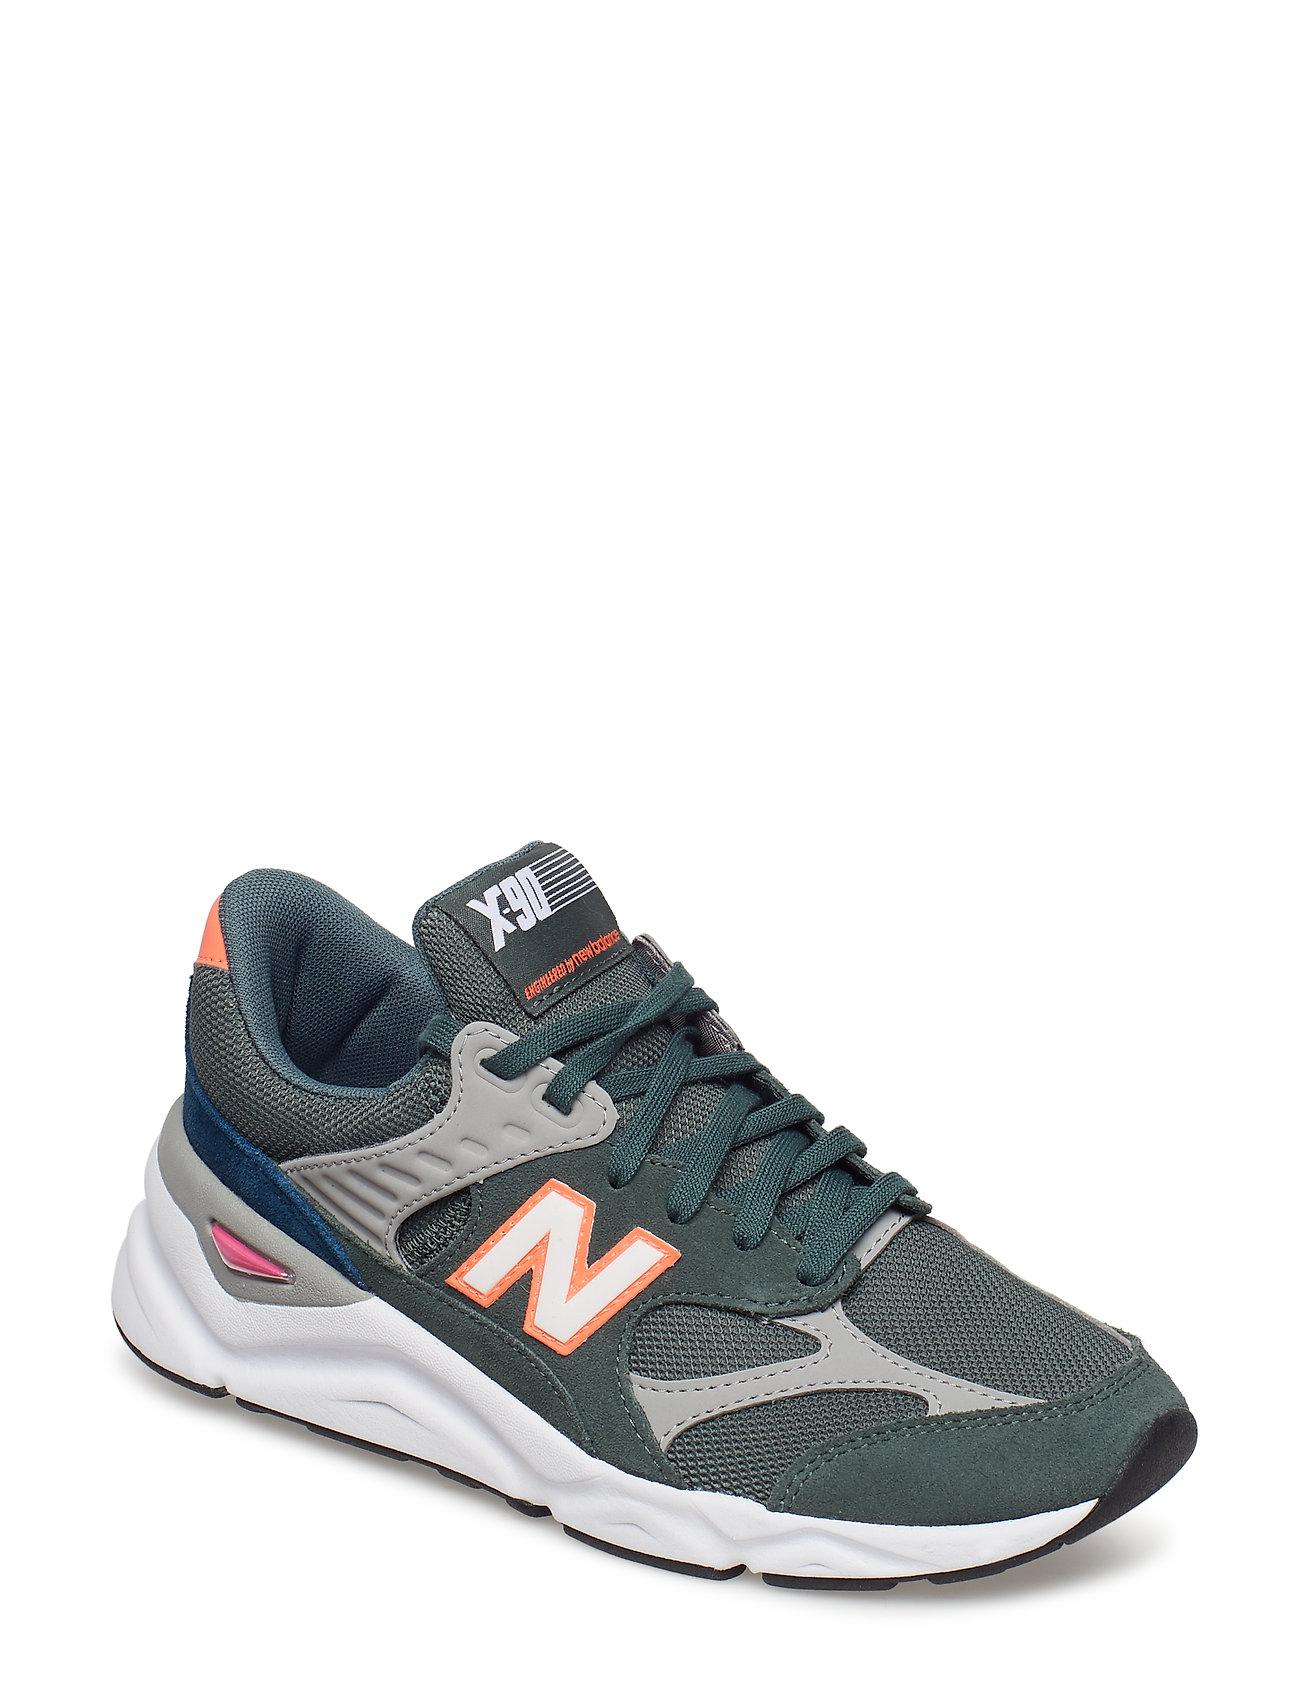 NEW BALANCE Msx90 Niedrige Sneaker Grün NEW BALANCE